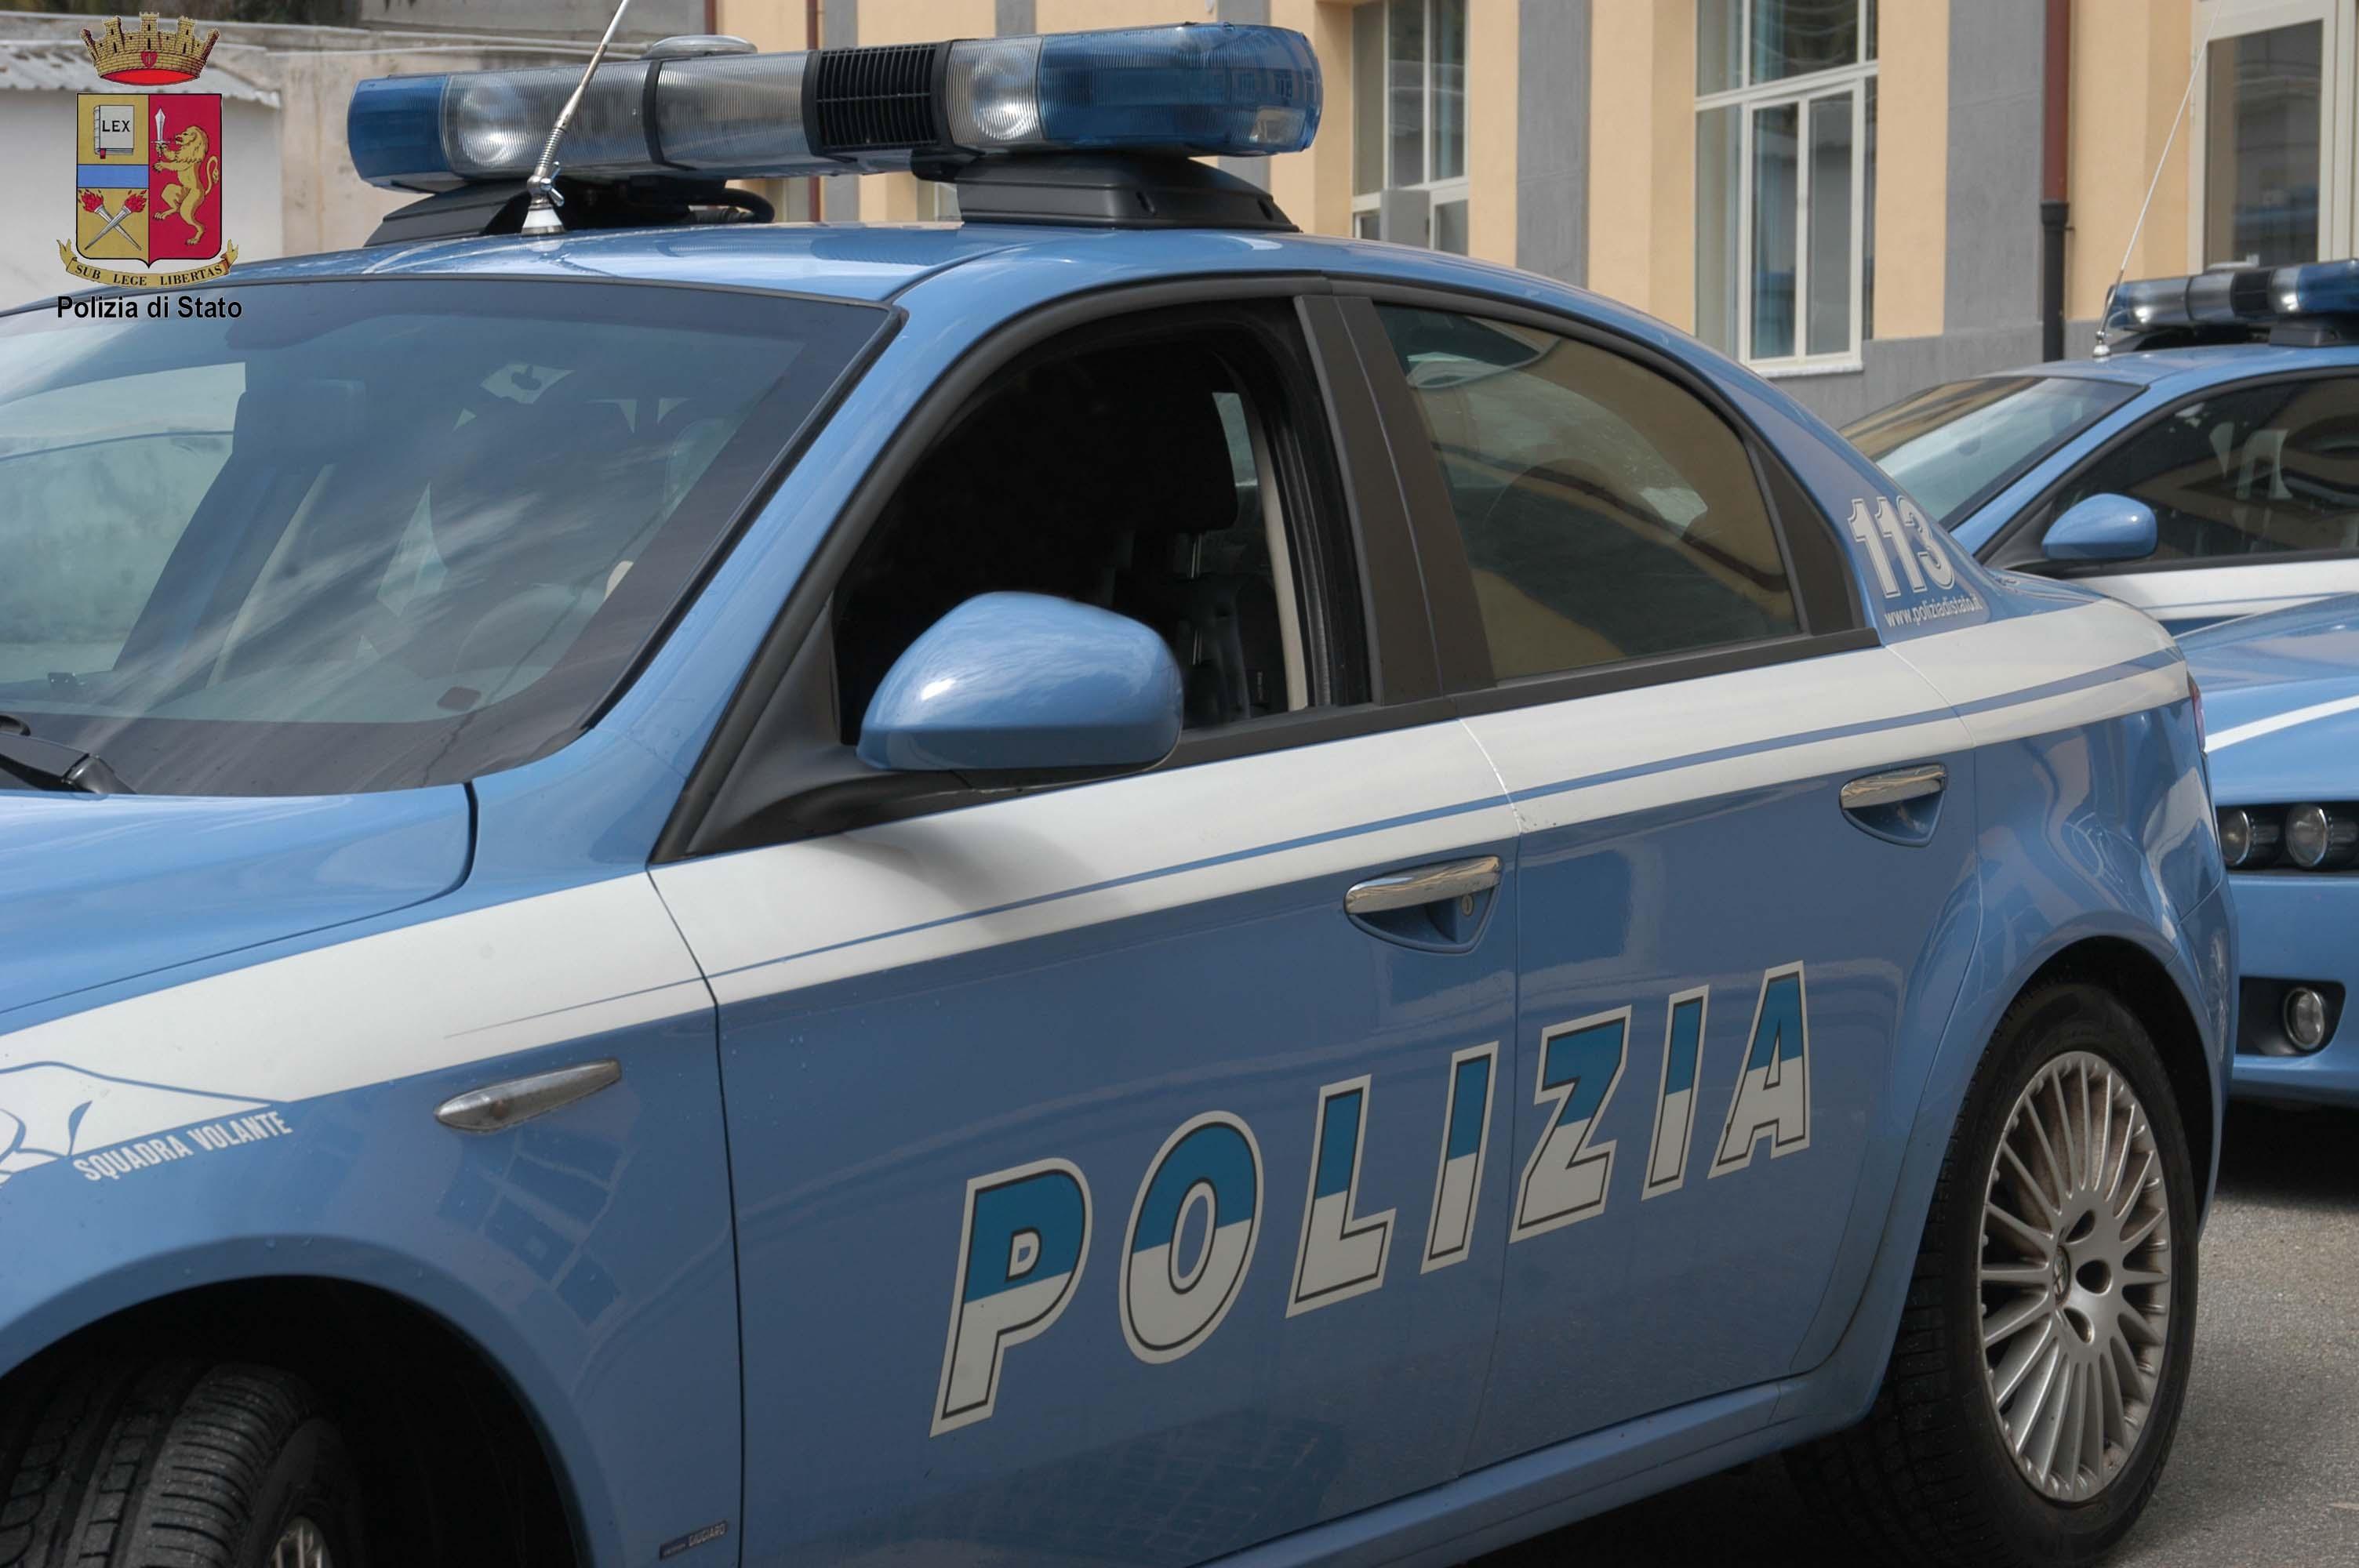 Report consuntivo dell'attività svolta dalla Polizia in Provincia di Trapani dal 30 dicembre 2018 al 5 gennaio